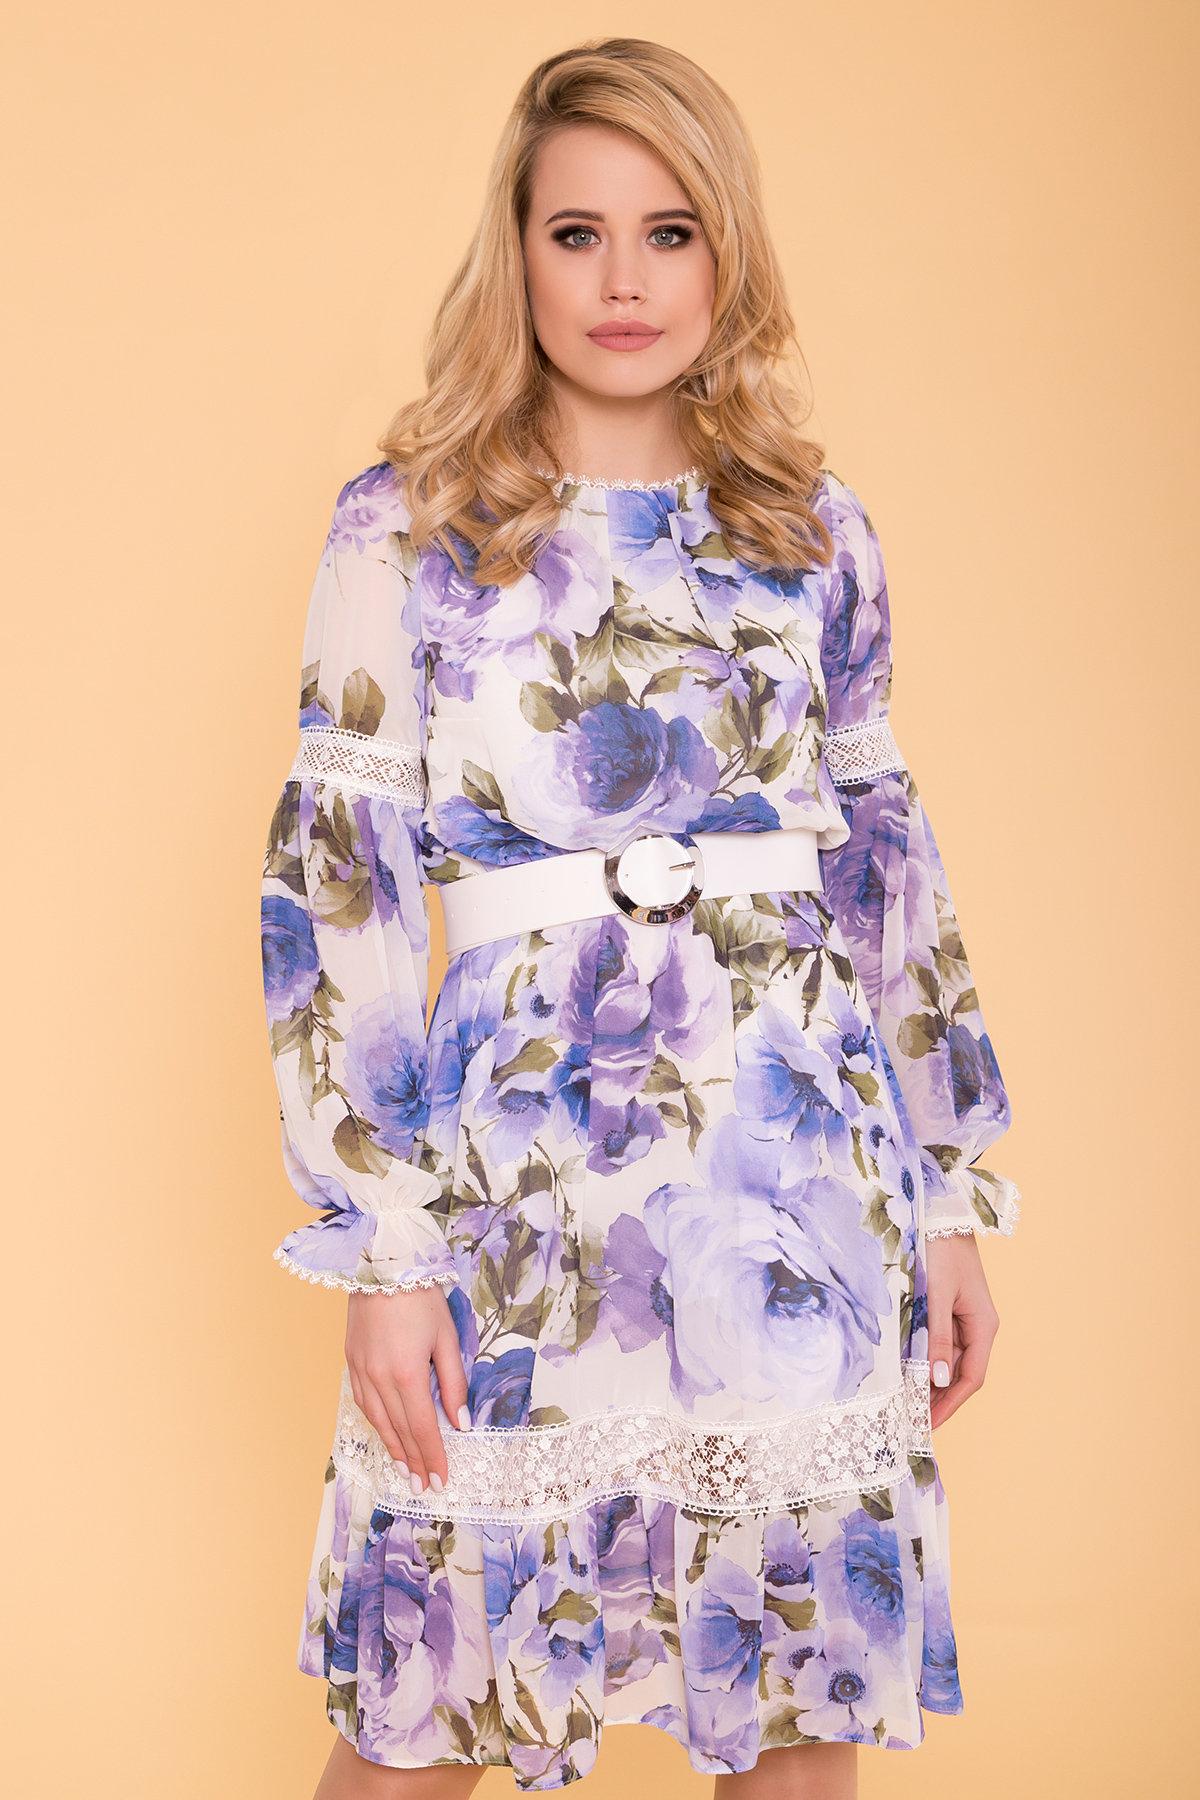 Платье Санем 6587 АРТ. 41976 Цвет: Розы молоко/голубой/молоко - фото 3, интернет магазин tm-modus.ru